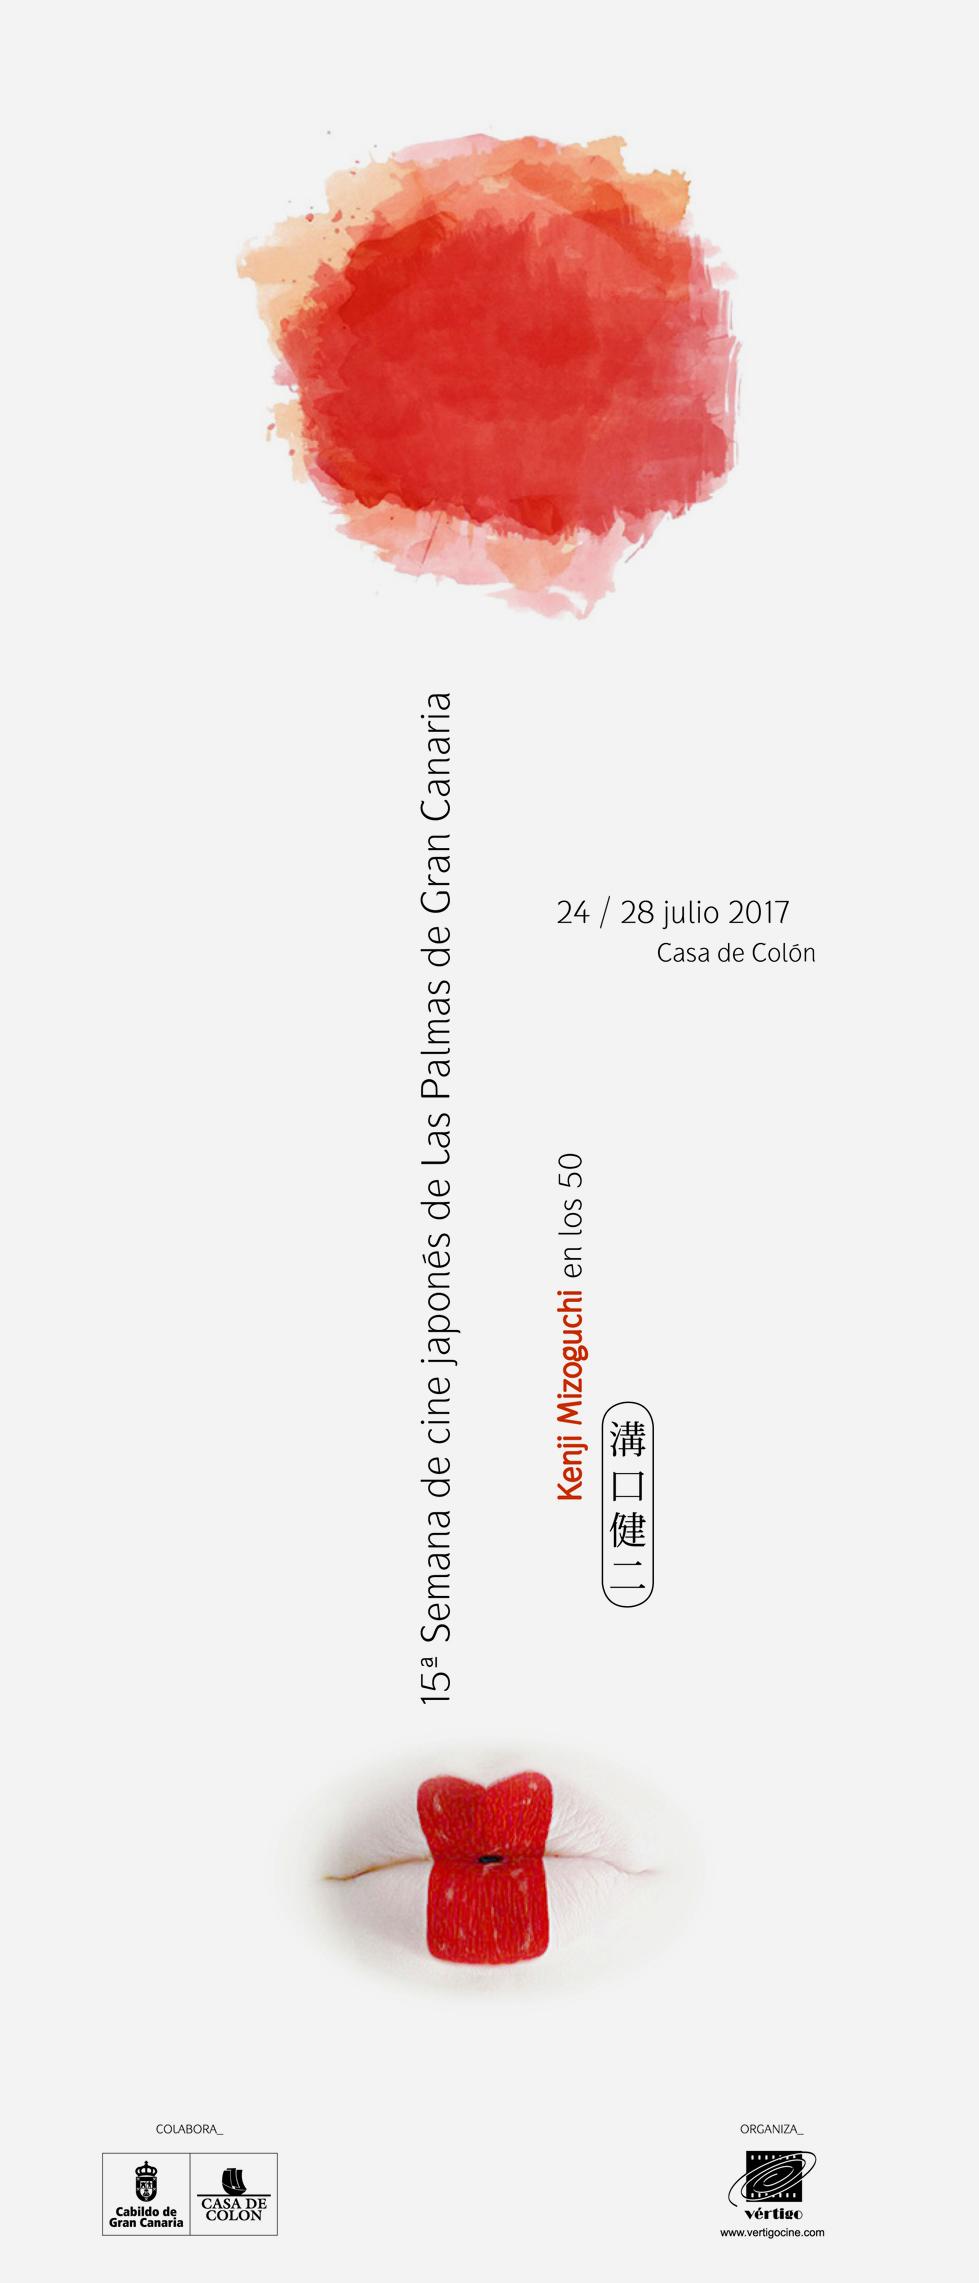 Cartel de la 15ª Semana de cine japonés de Las Palmas de Gran Canaria, diseñado por José Manuel Ramírez